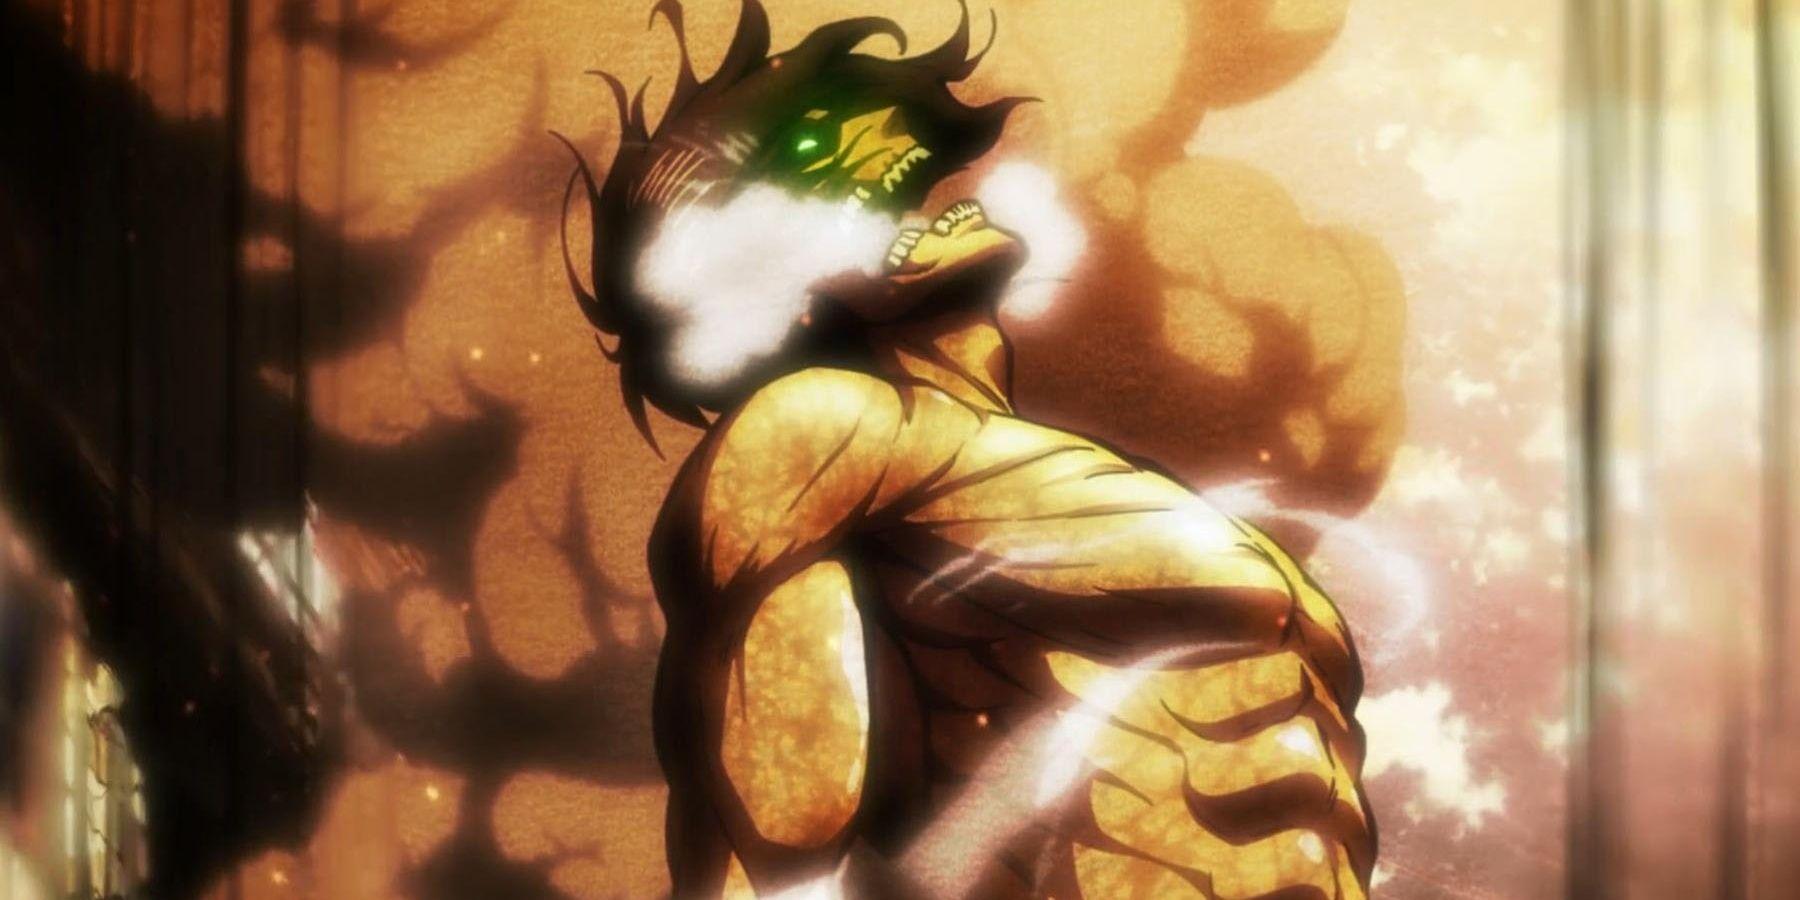 Eren Uses The Shōnen Hero S Power Scaling For Evil Netral News